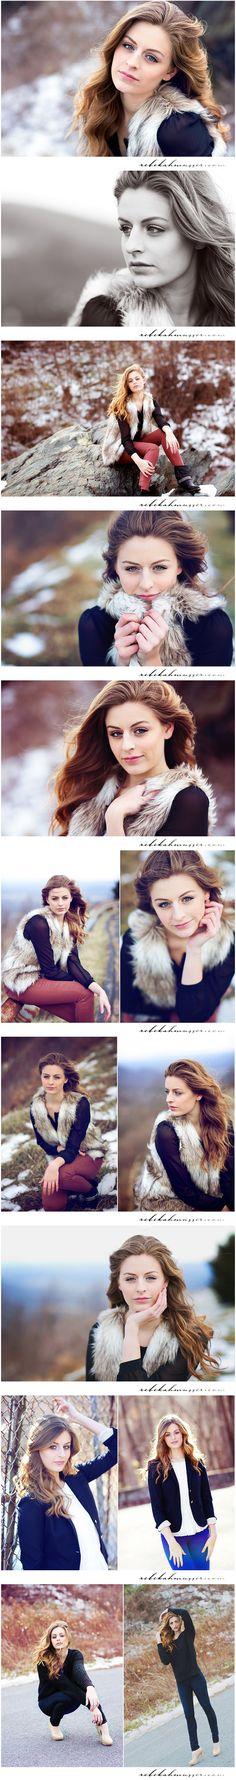 Senior girl... Winter/fall poses